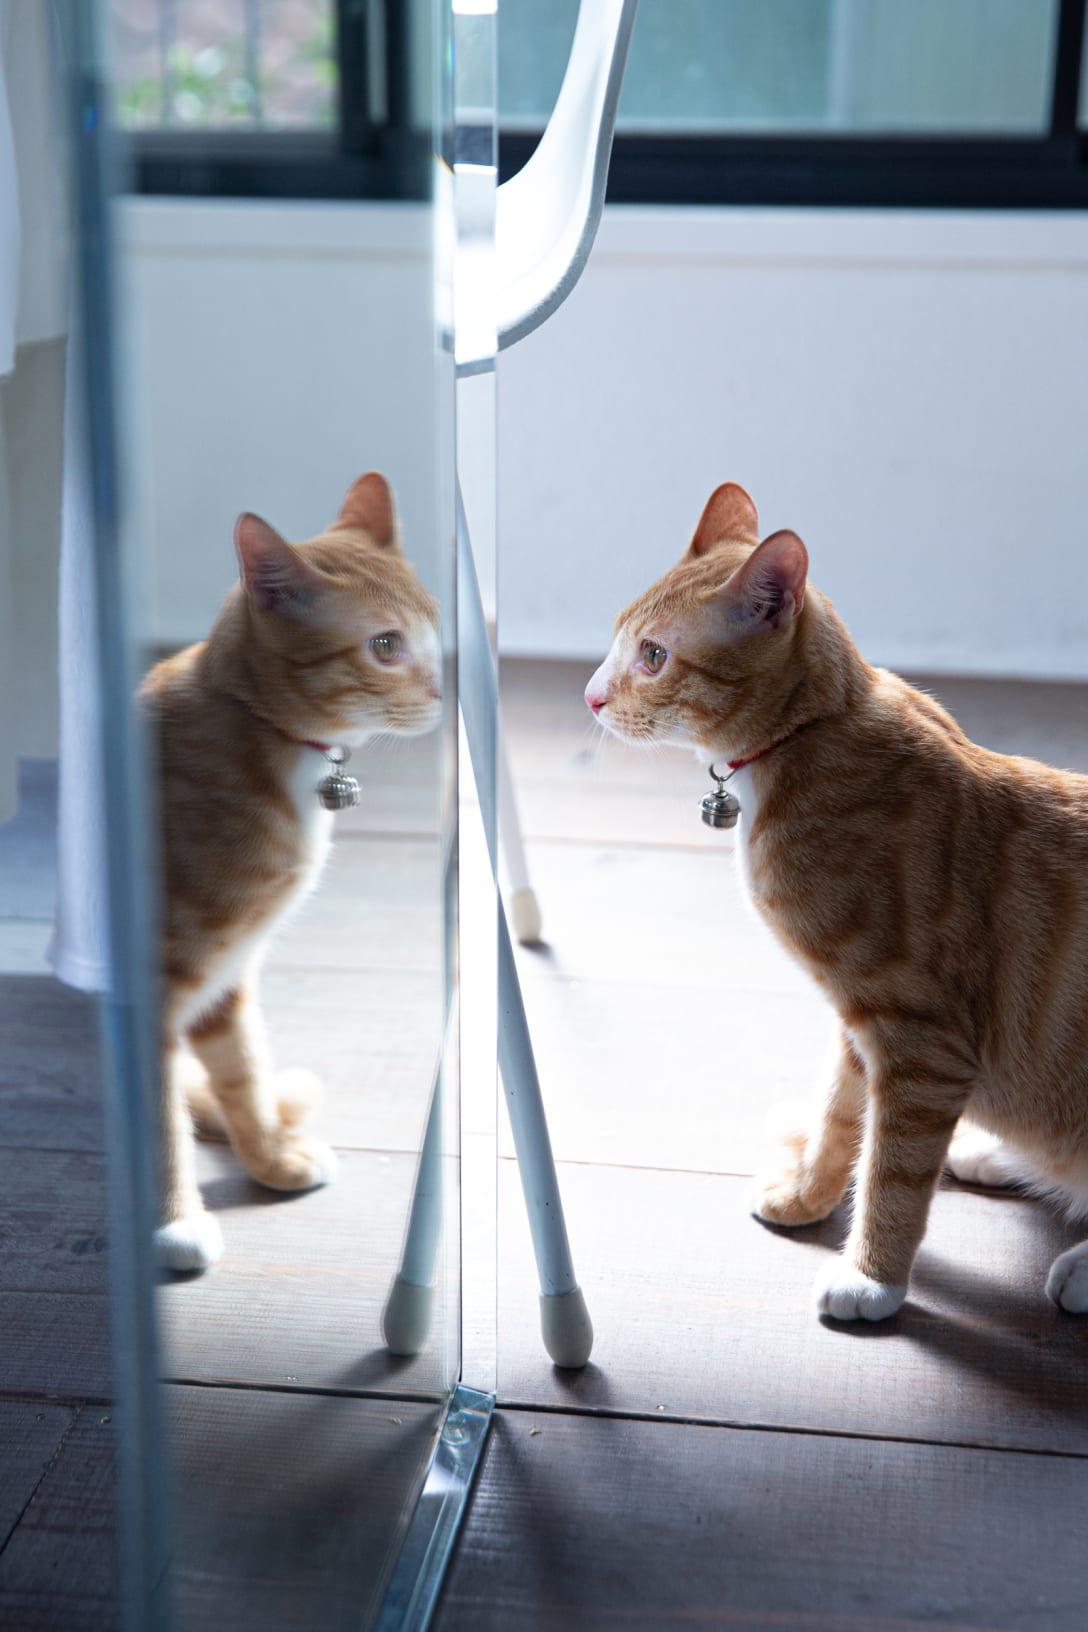 村田さんの愛猫。名前はネコちゃん